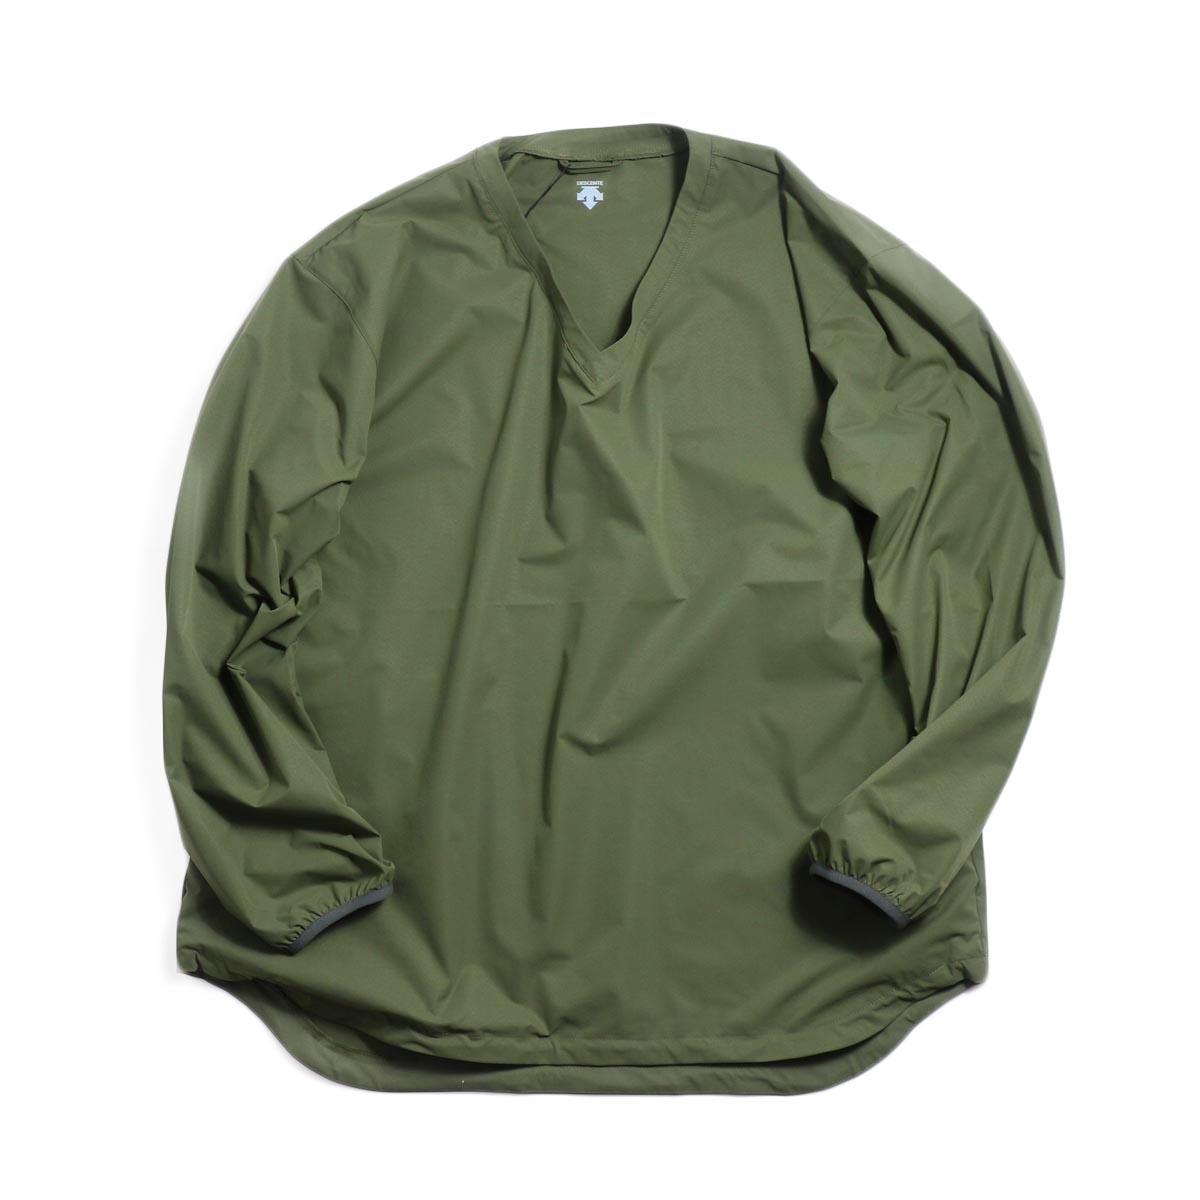 DESCENTE ddd / L/S Pullover Shirt -OGRN